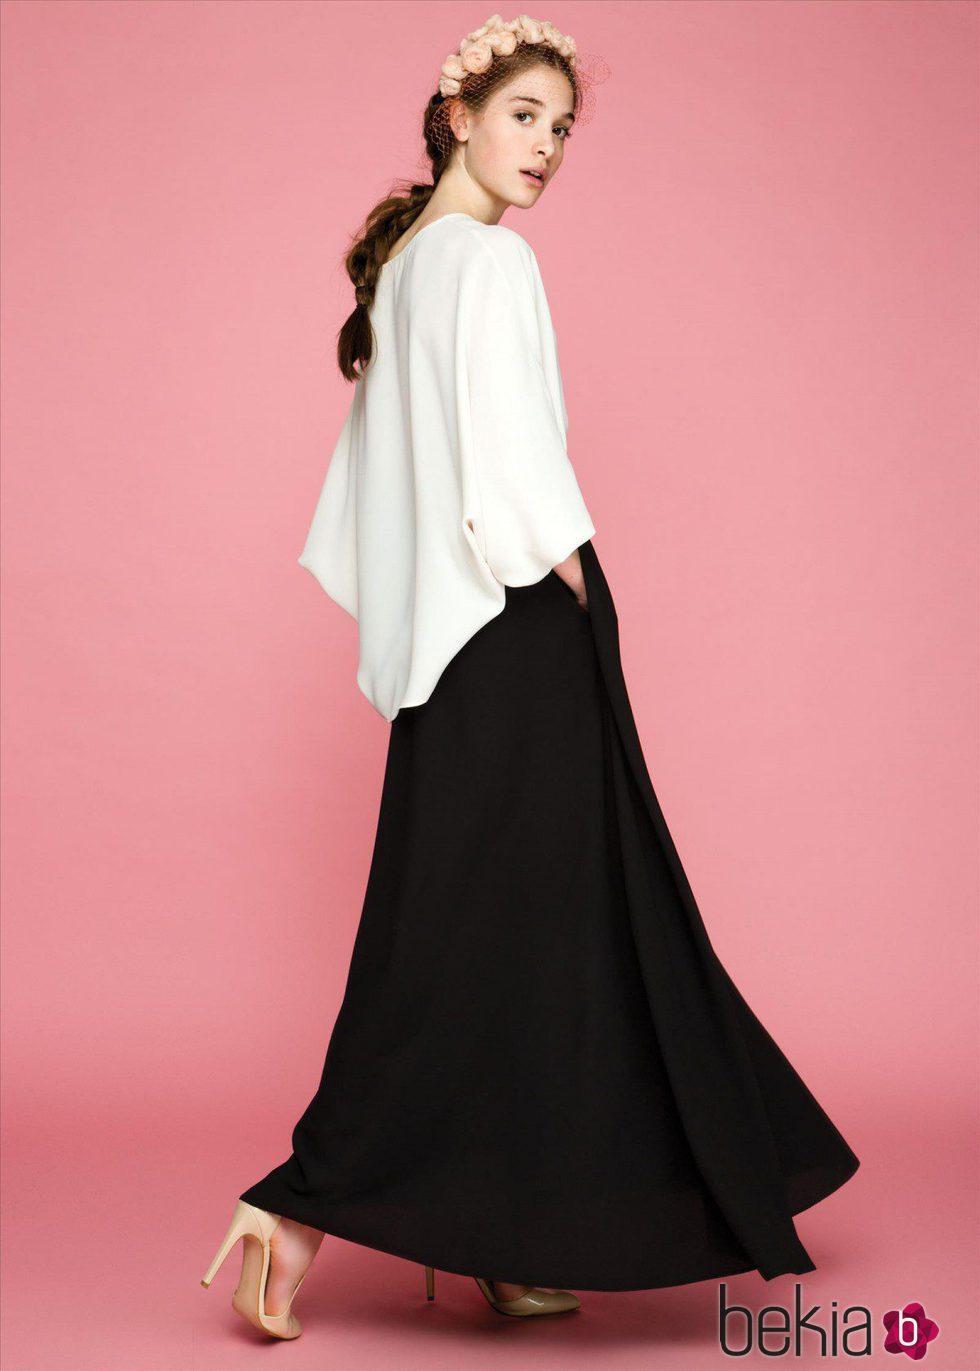 76cb7c553c9 Anterior Falda larga negra y camisa de la colección otoño invierno 2015 2016  de Dolores